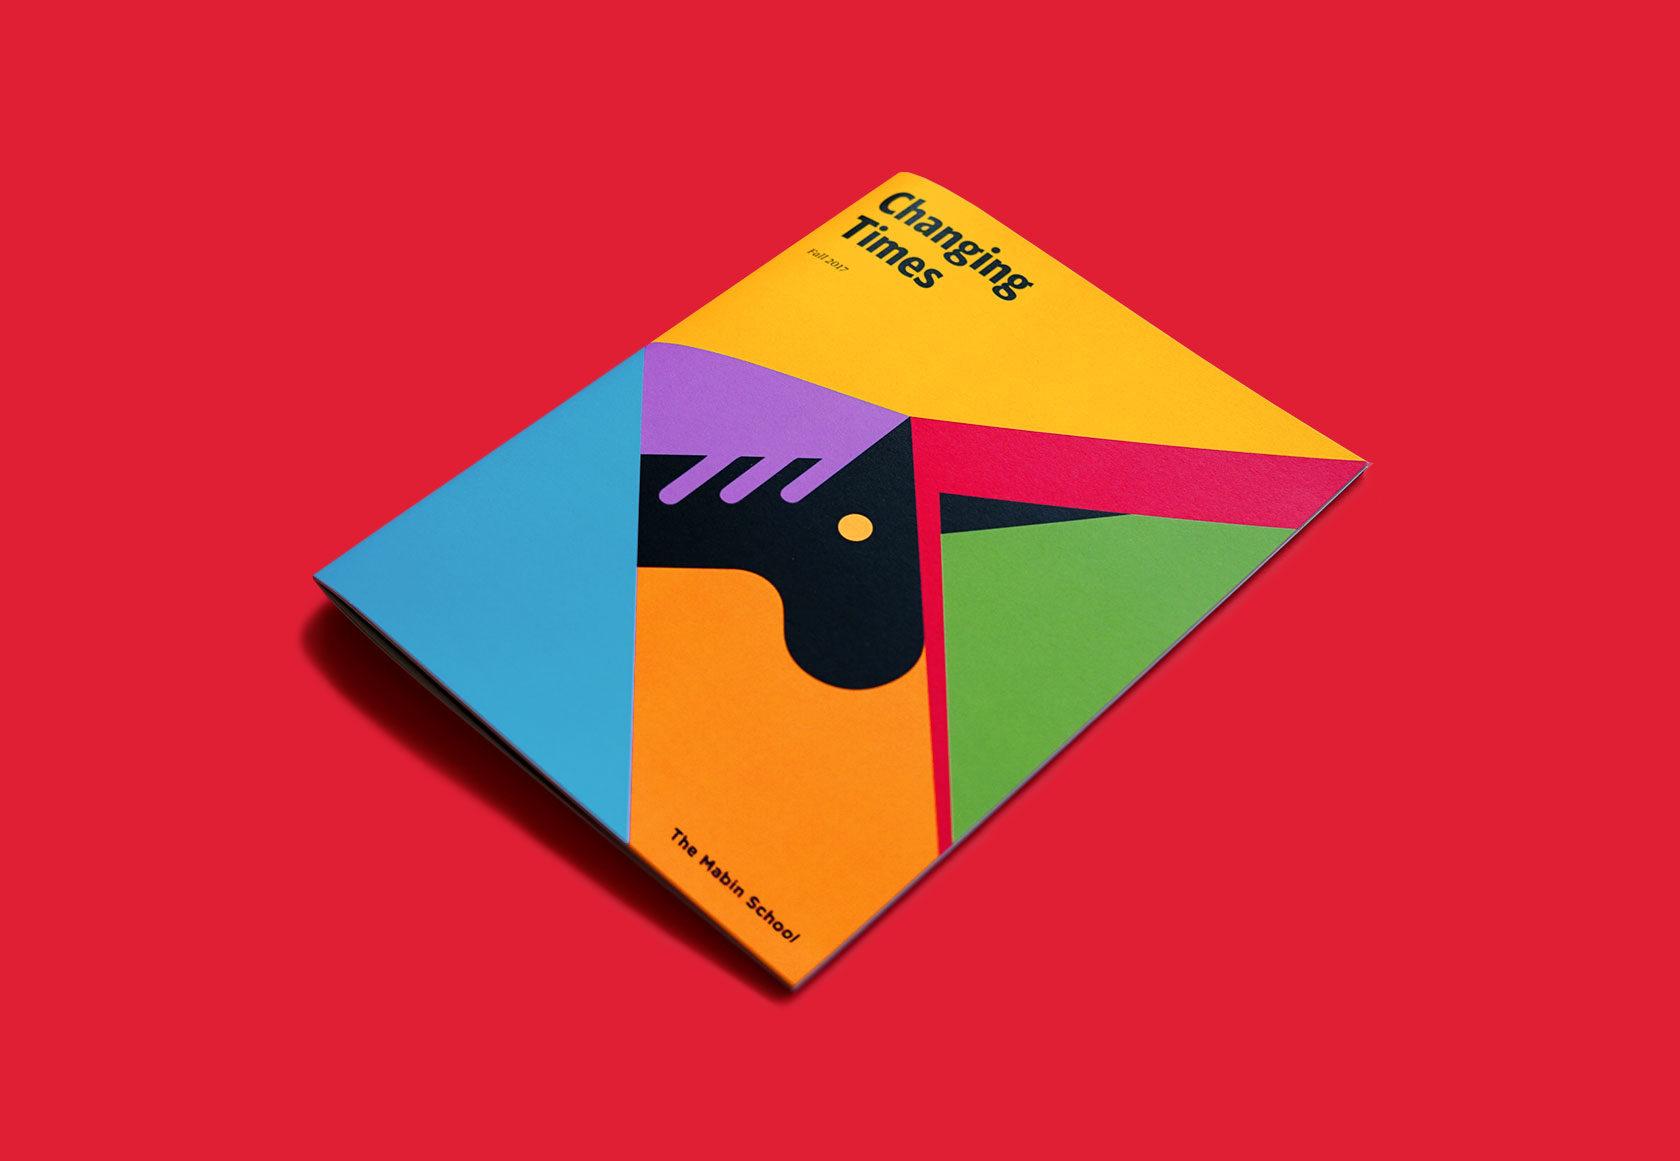 The Mabin School Magazine Editorial Design 8 by Furia